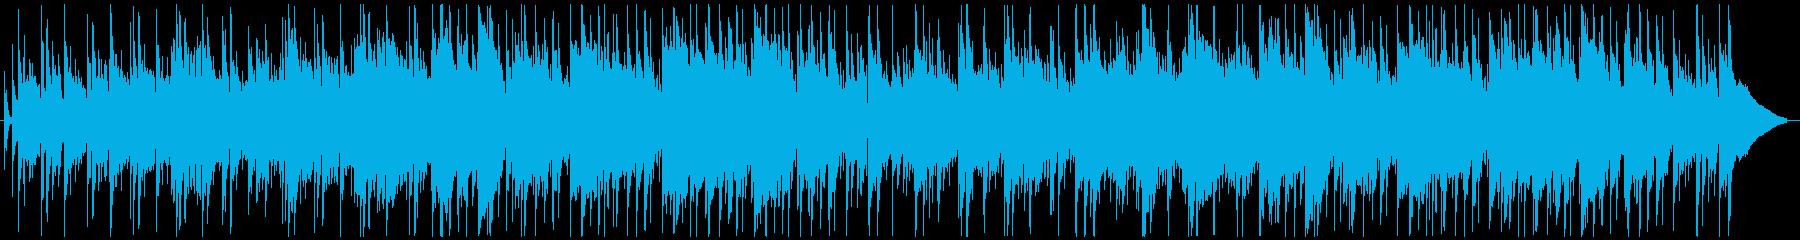 アルトサックスとピアノ中心の艶やかBGMの再生済みの波形